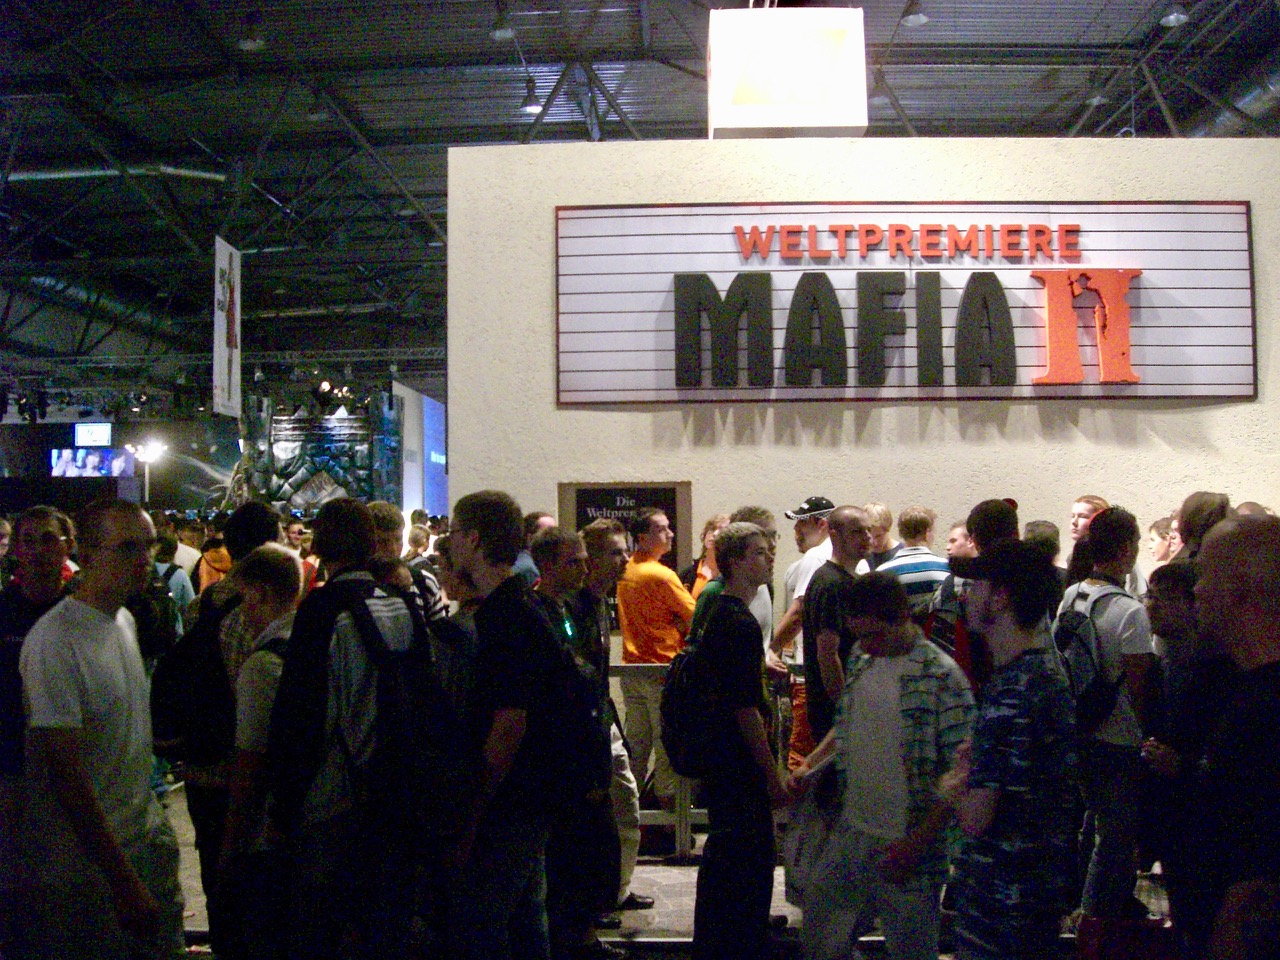 Warteschlangen bei der Weltpremiere von Mafia 2. (Bild: André Eymann)